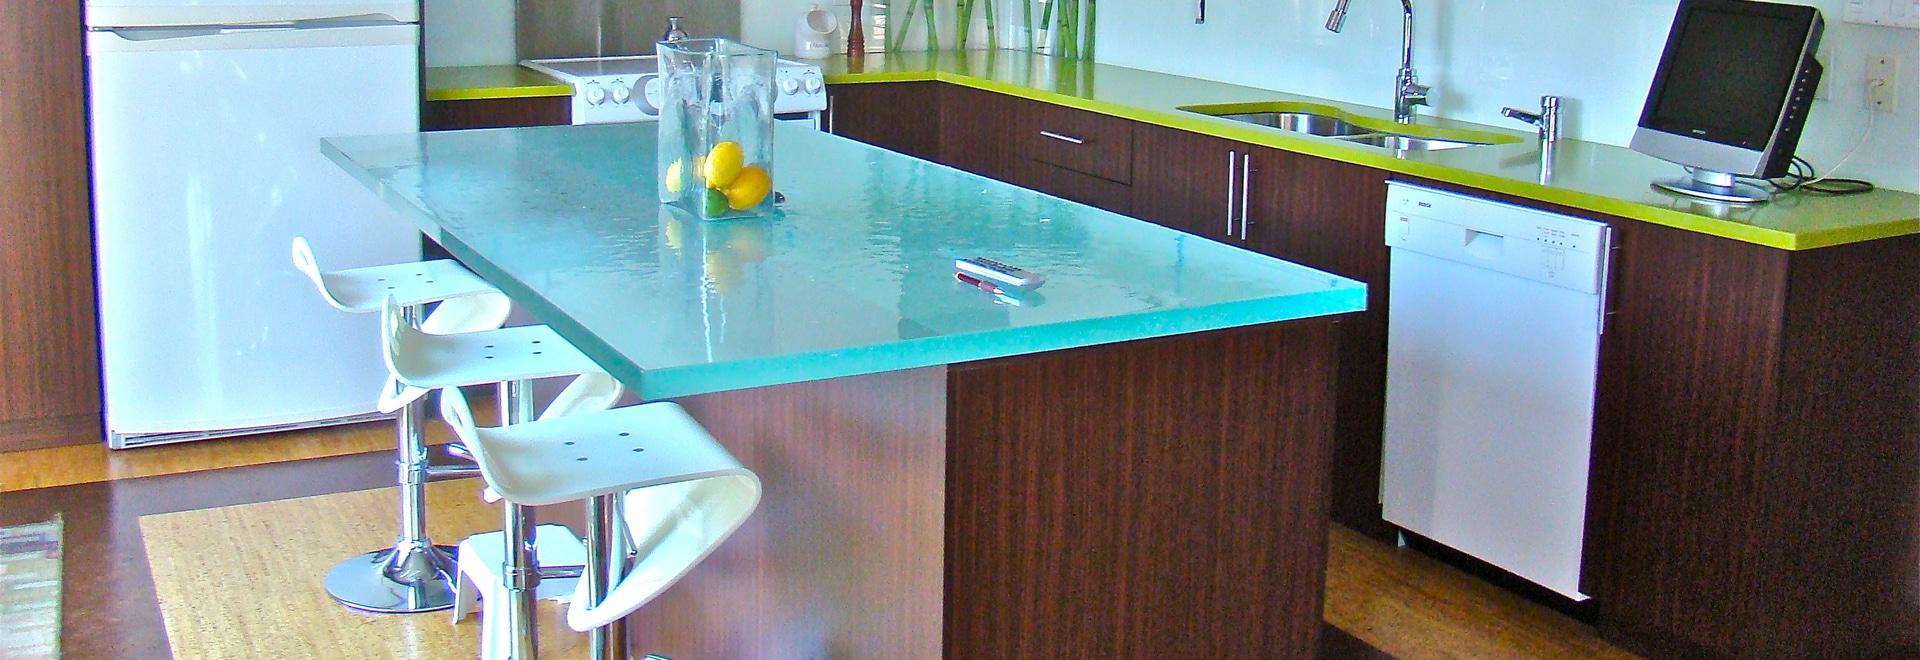 Plan de travail de cuisine en verre